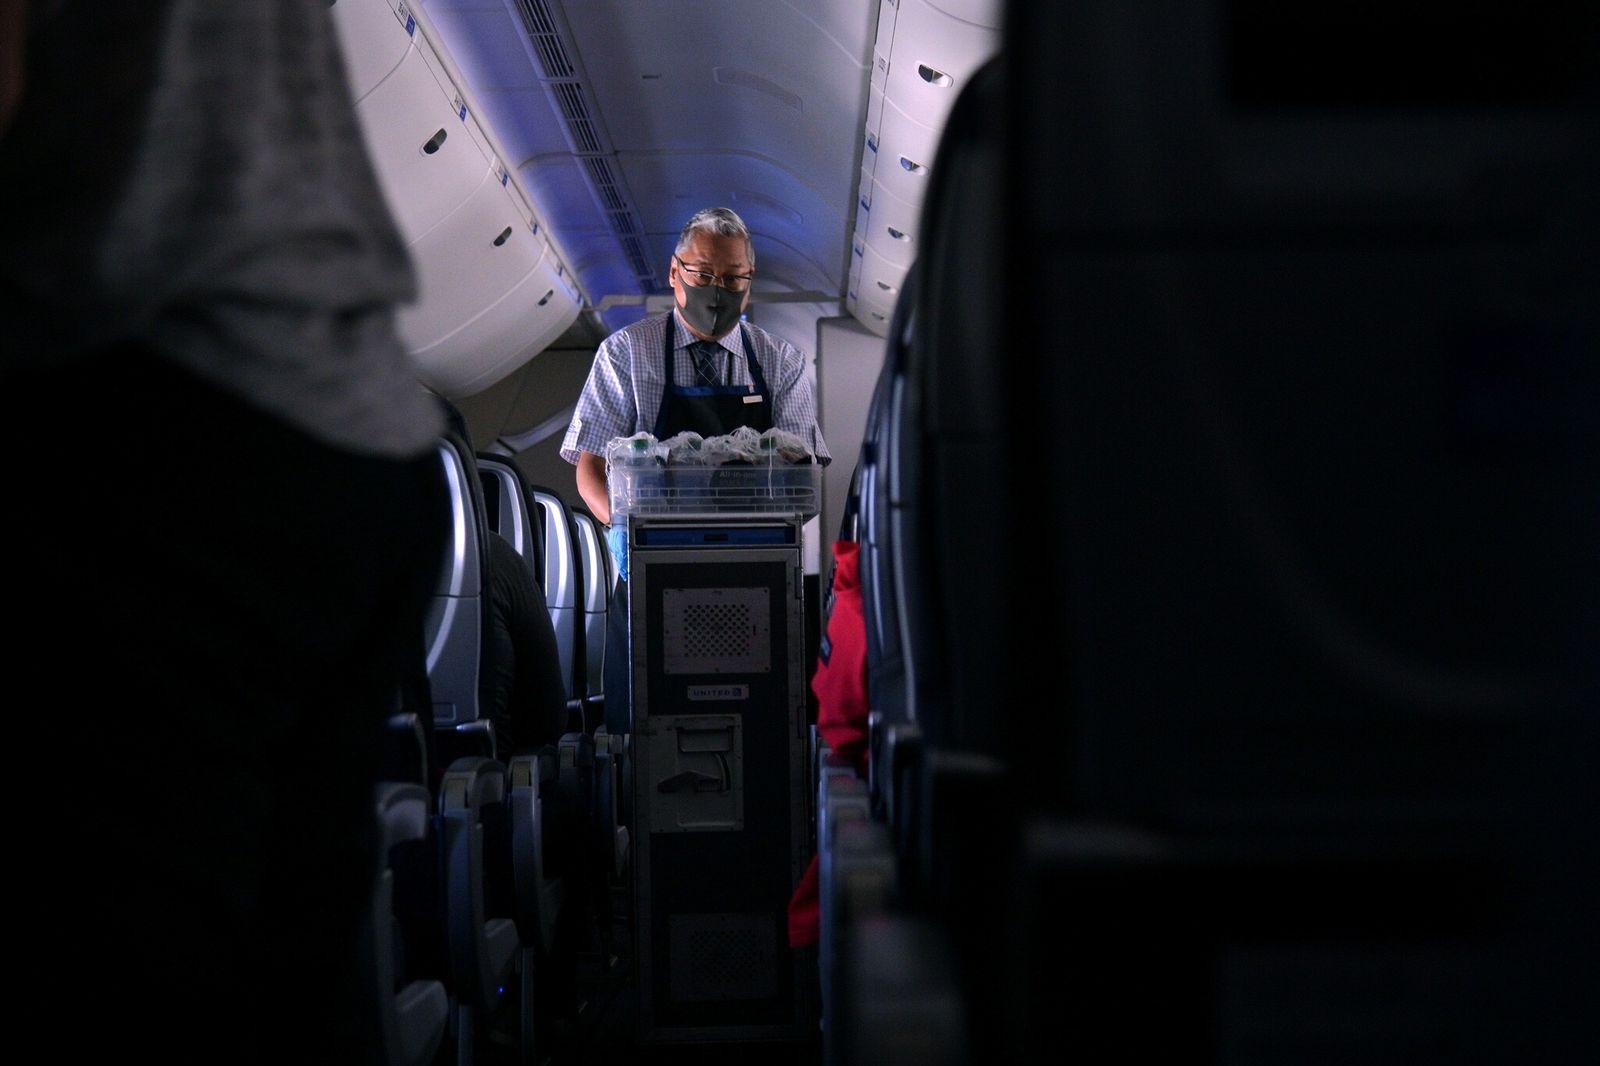 ¿Cómo es volar en pandemia? La difícil tarea de los auxiliares de vuelo en tiempos de COVID-19